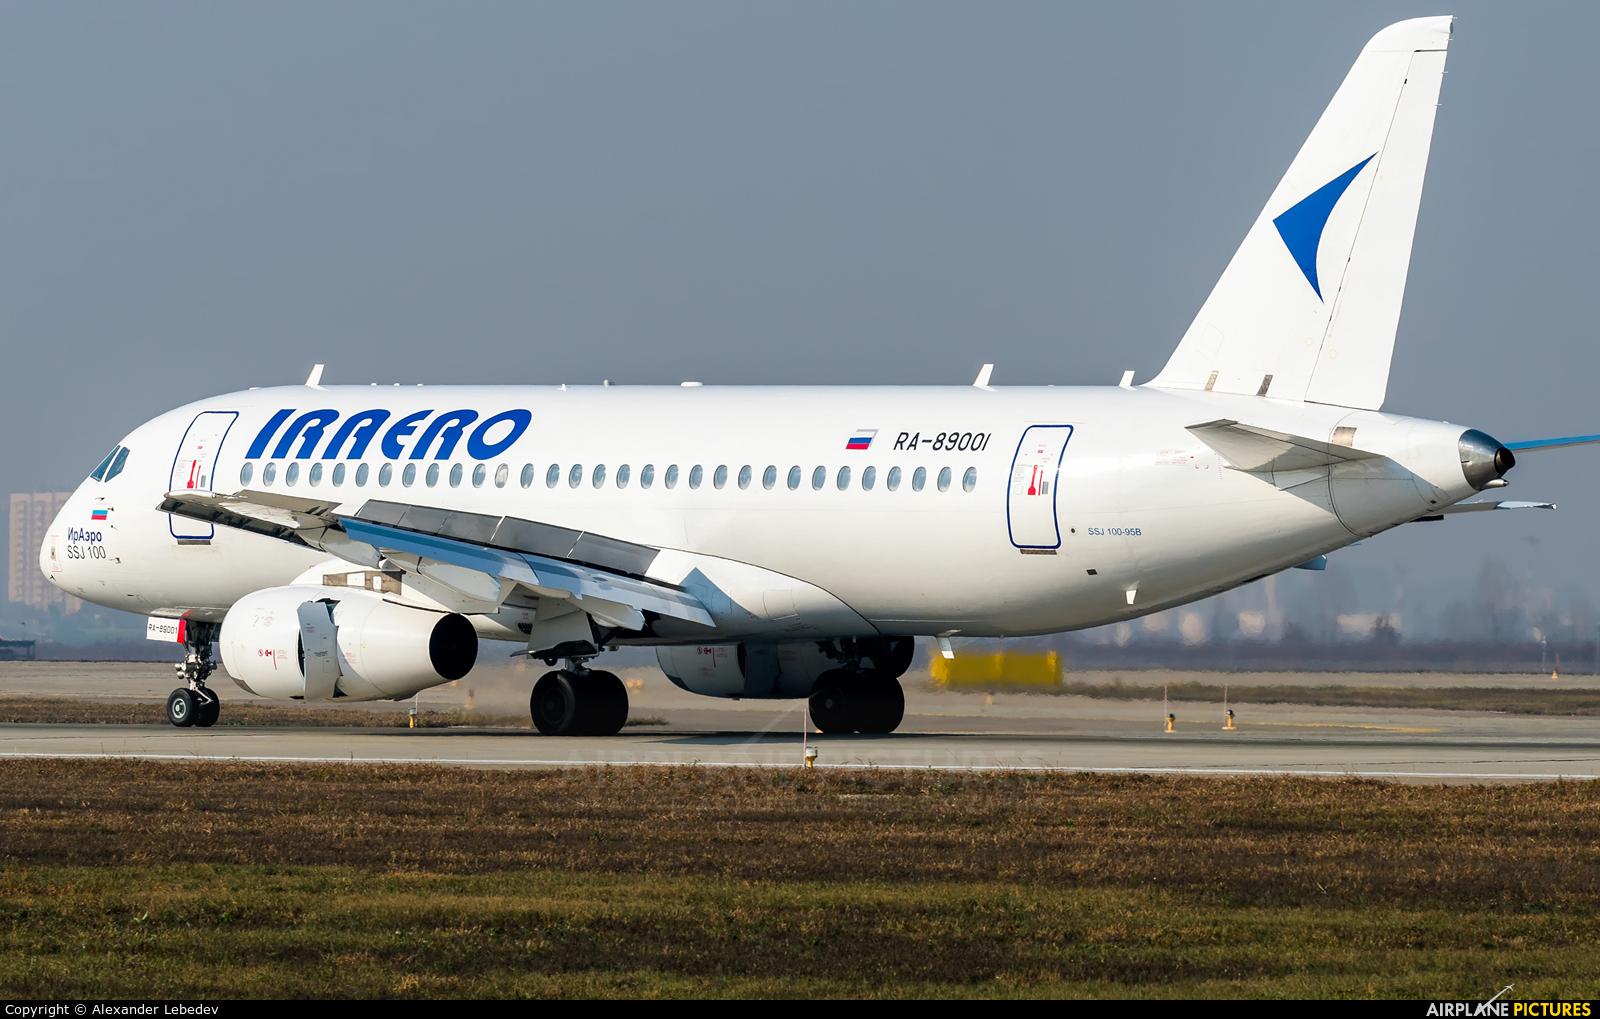 Iraero RA-89001 aircraft at Krasnodar